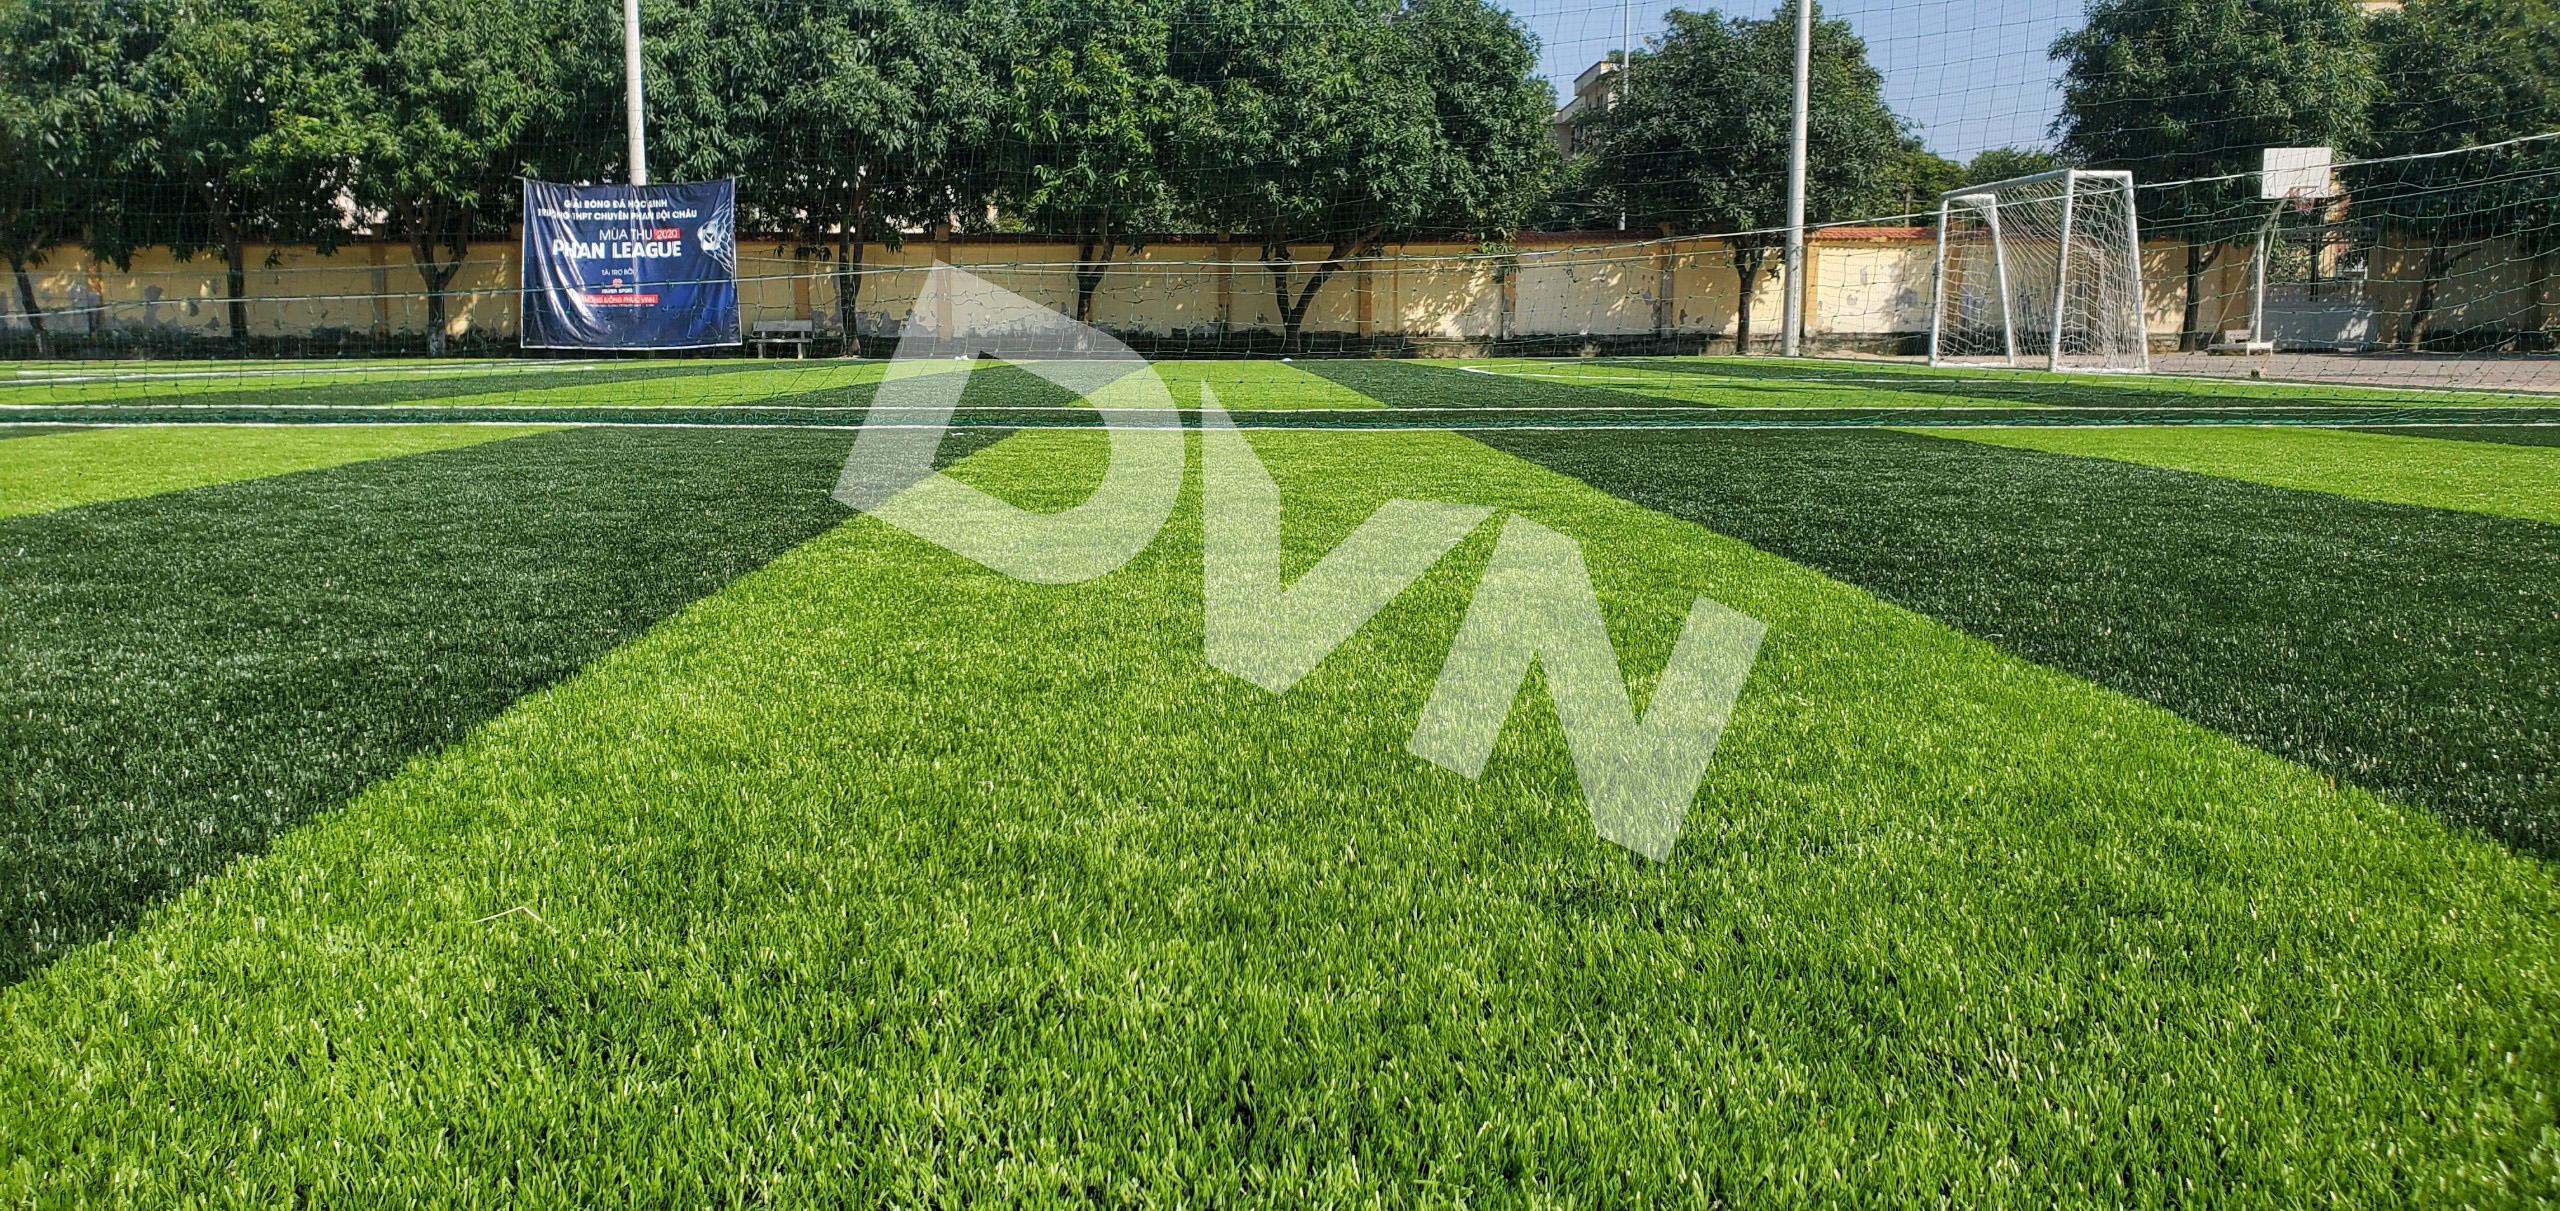 Nên chọn đơn vị thi công sân banh cỏ nhân tạo nào? 2